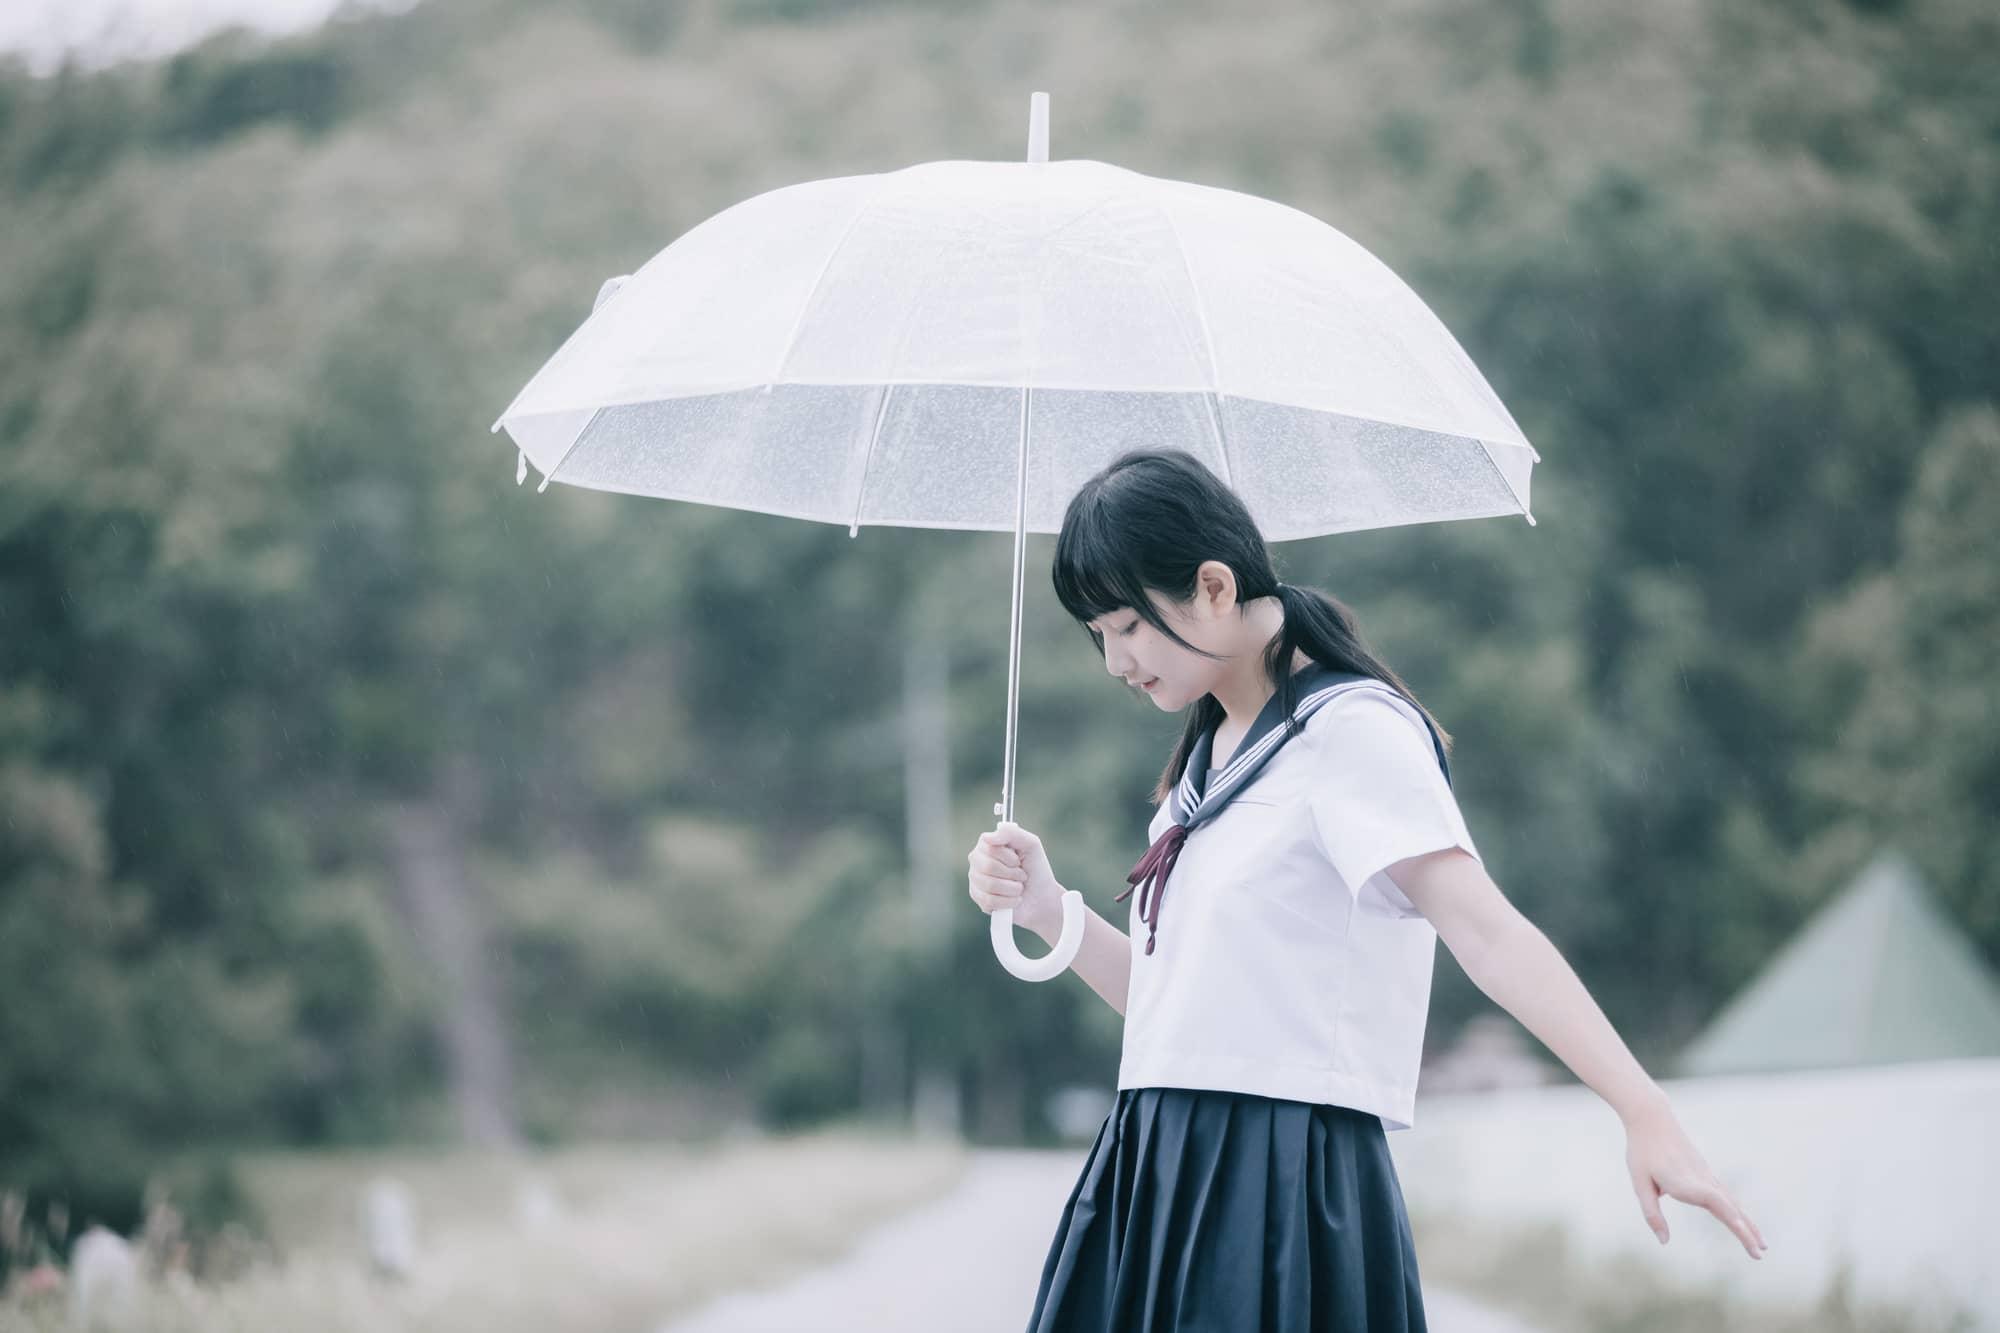 出かけたくない「雨の日」……少しでも気持ちを楽にするアイデアって?